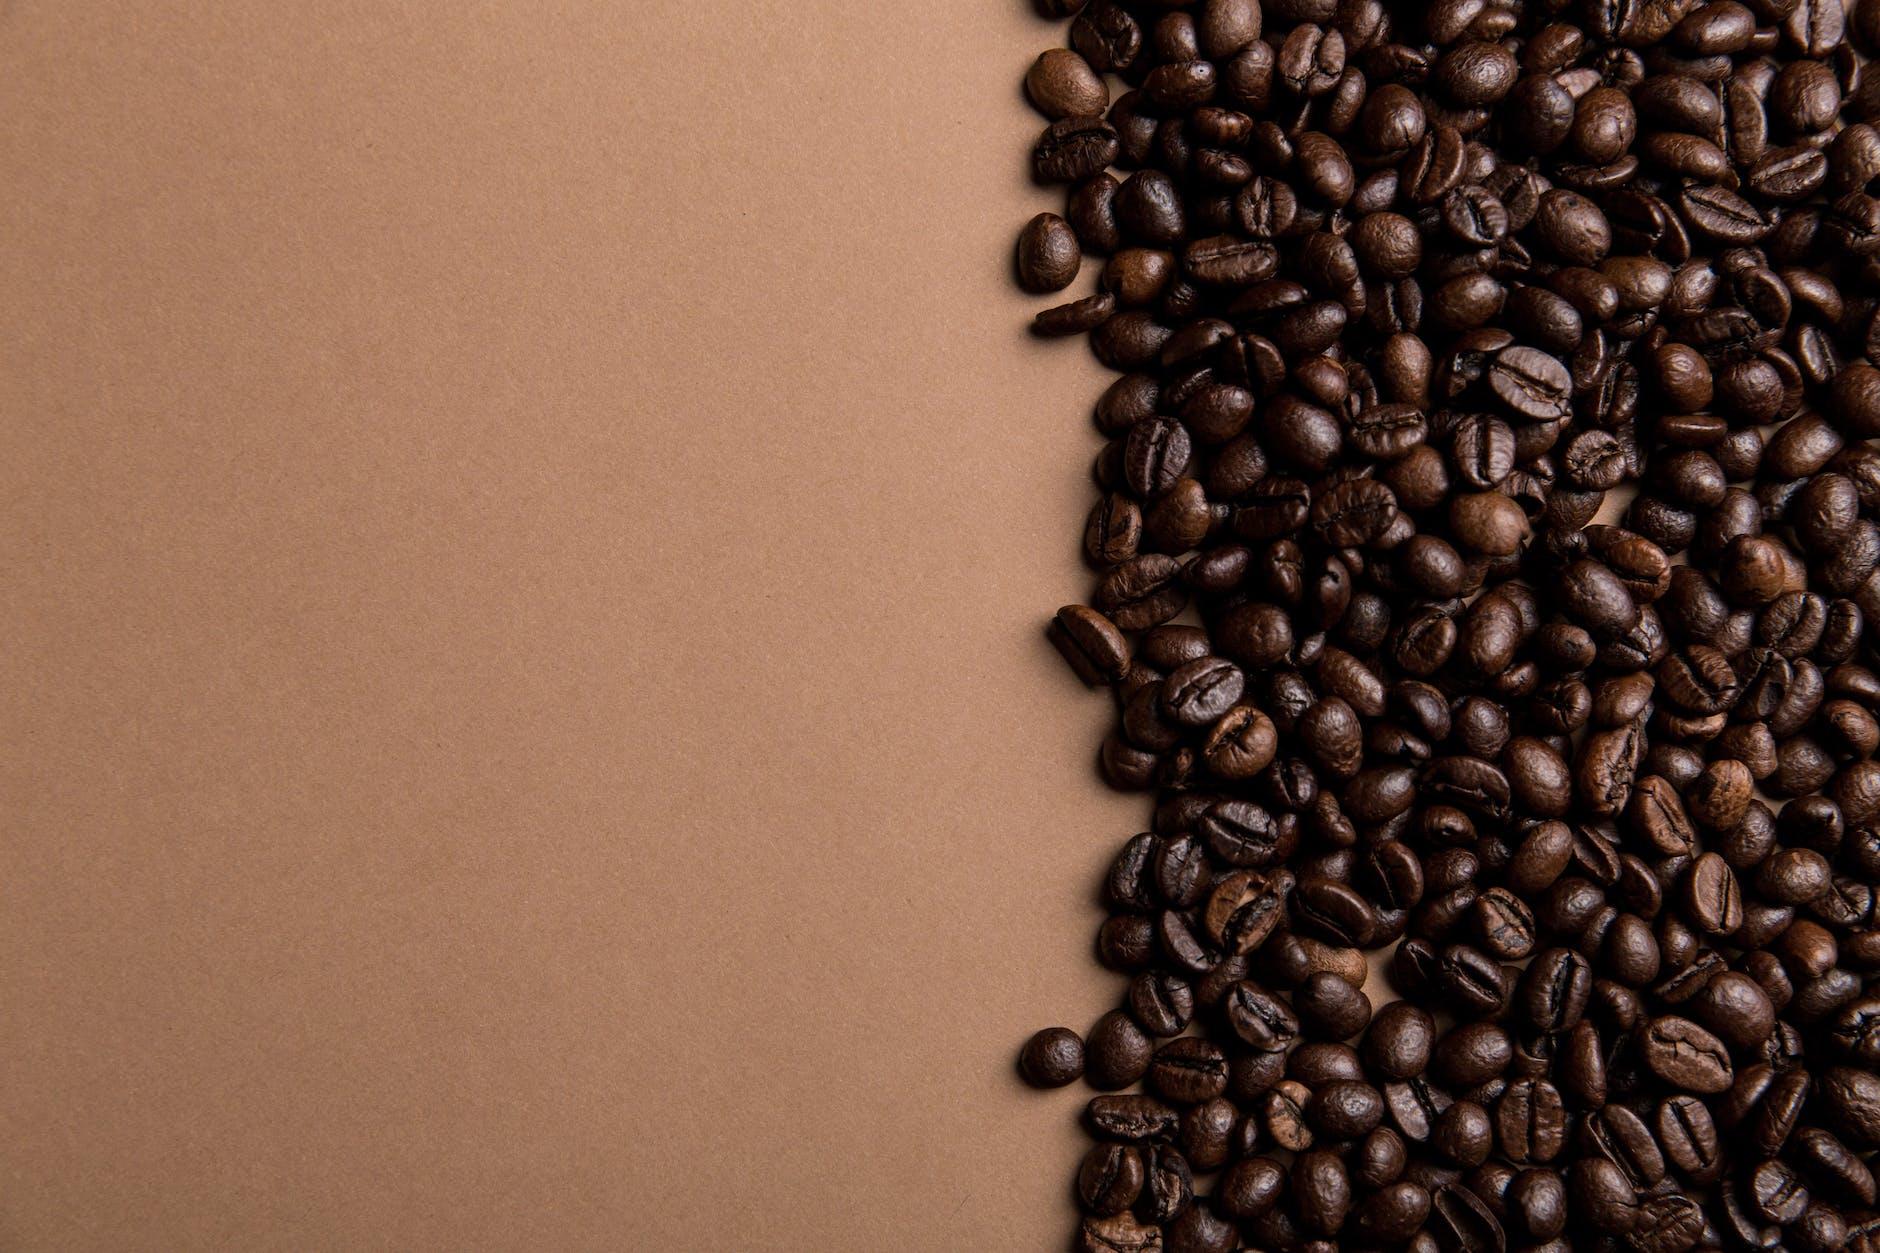 प्रीमियम कॉफी क्या है? | What is Premium Coffee?